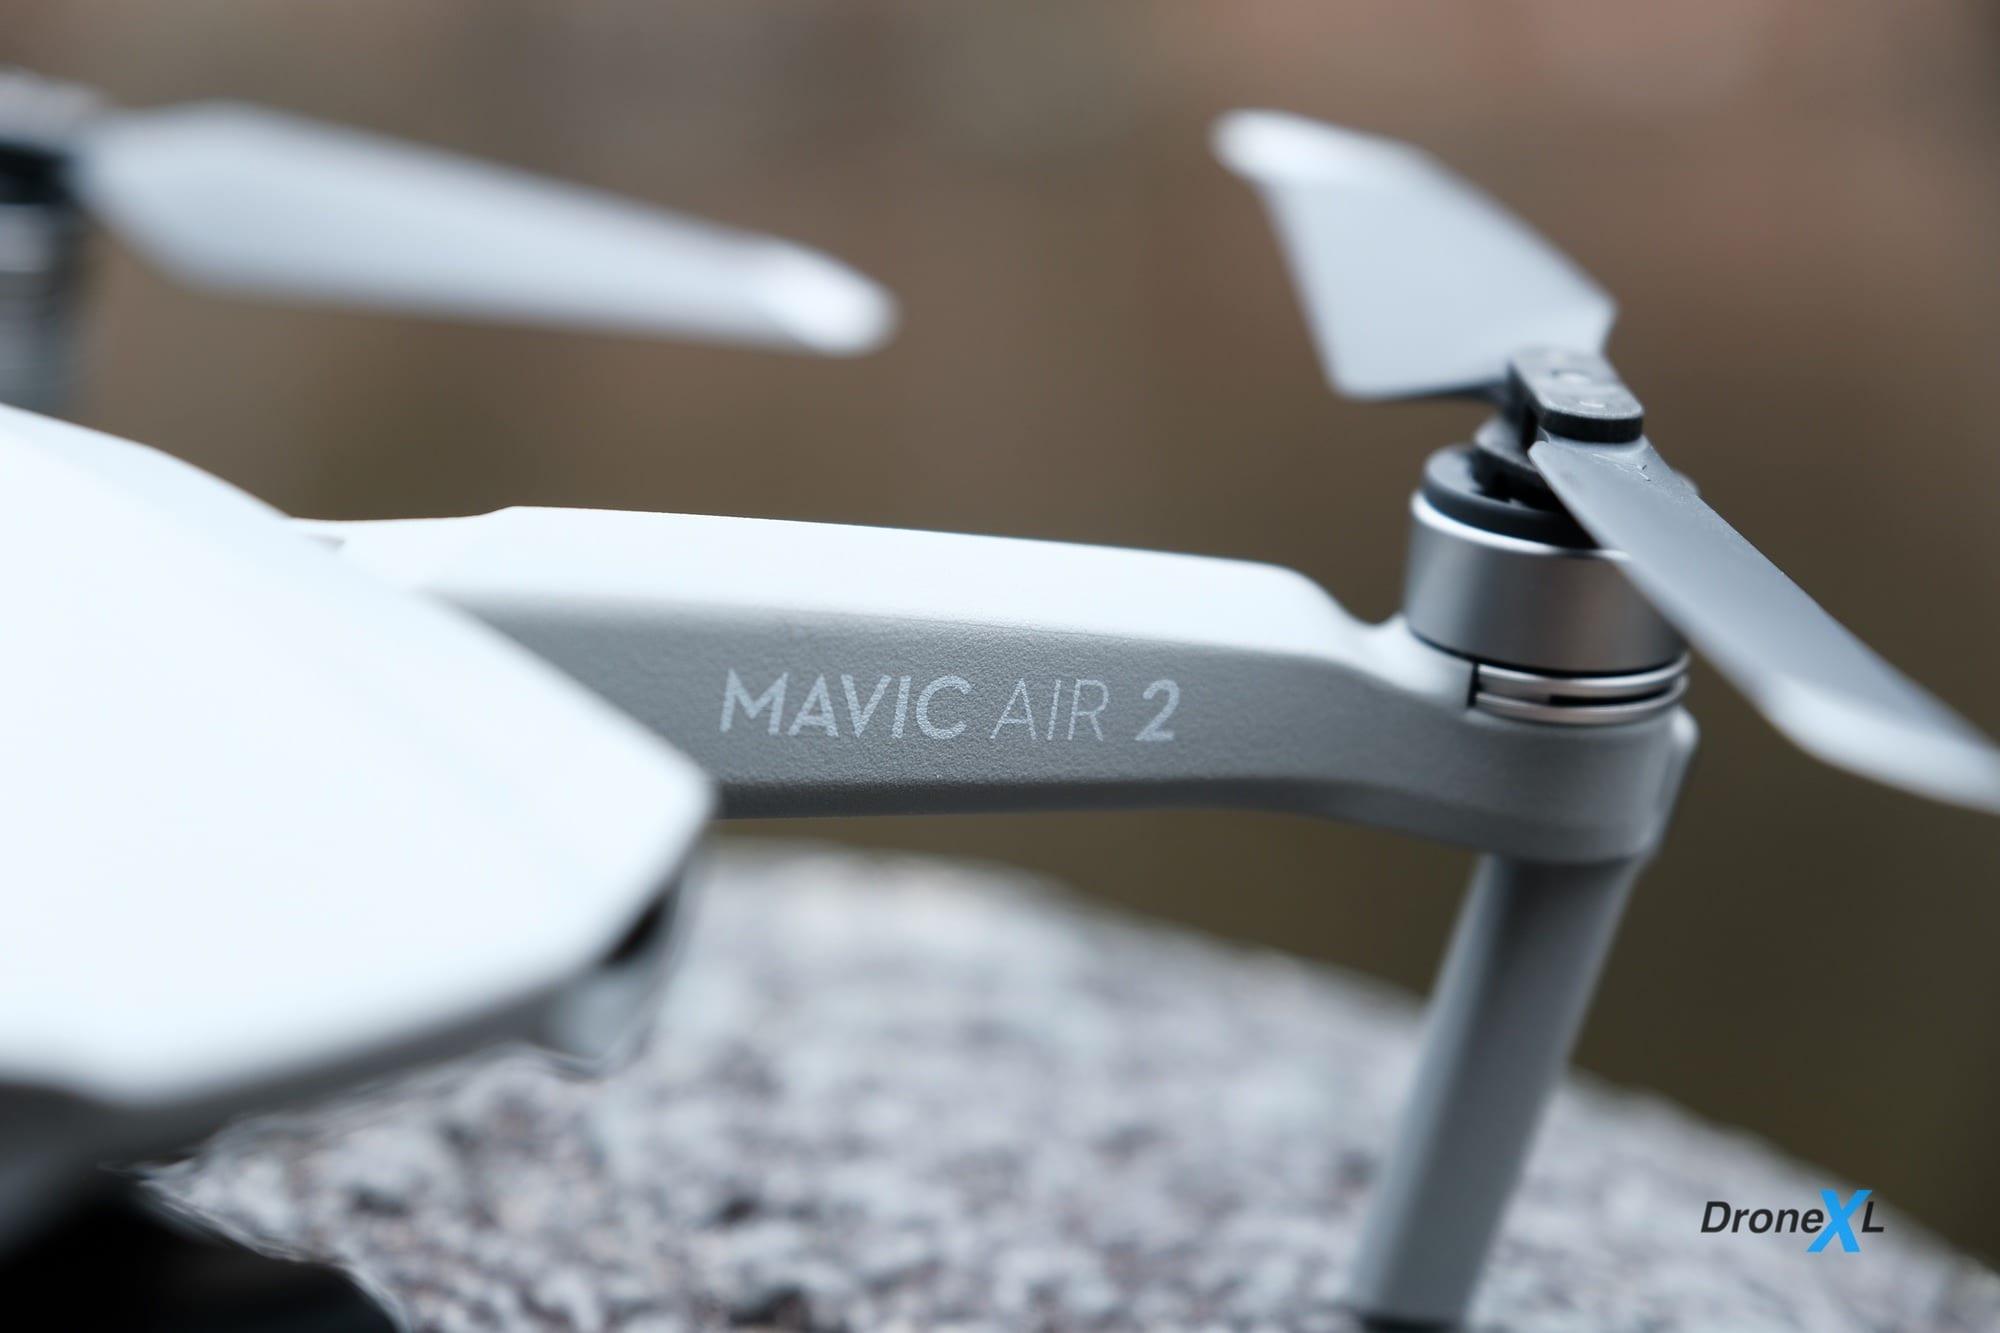 Should you buy the DJI Mavic Air 2?